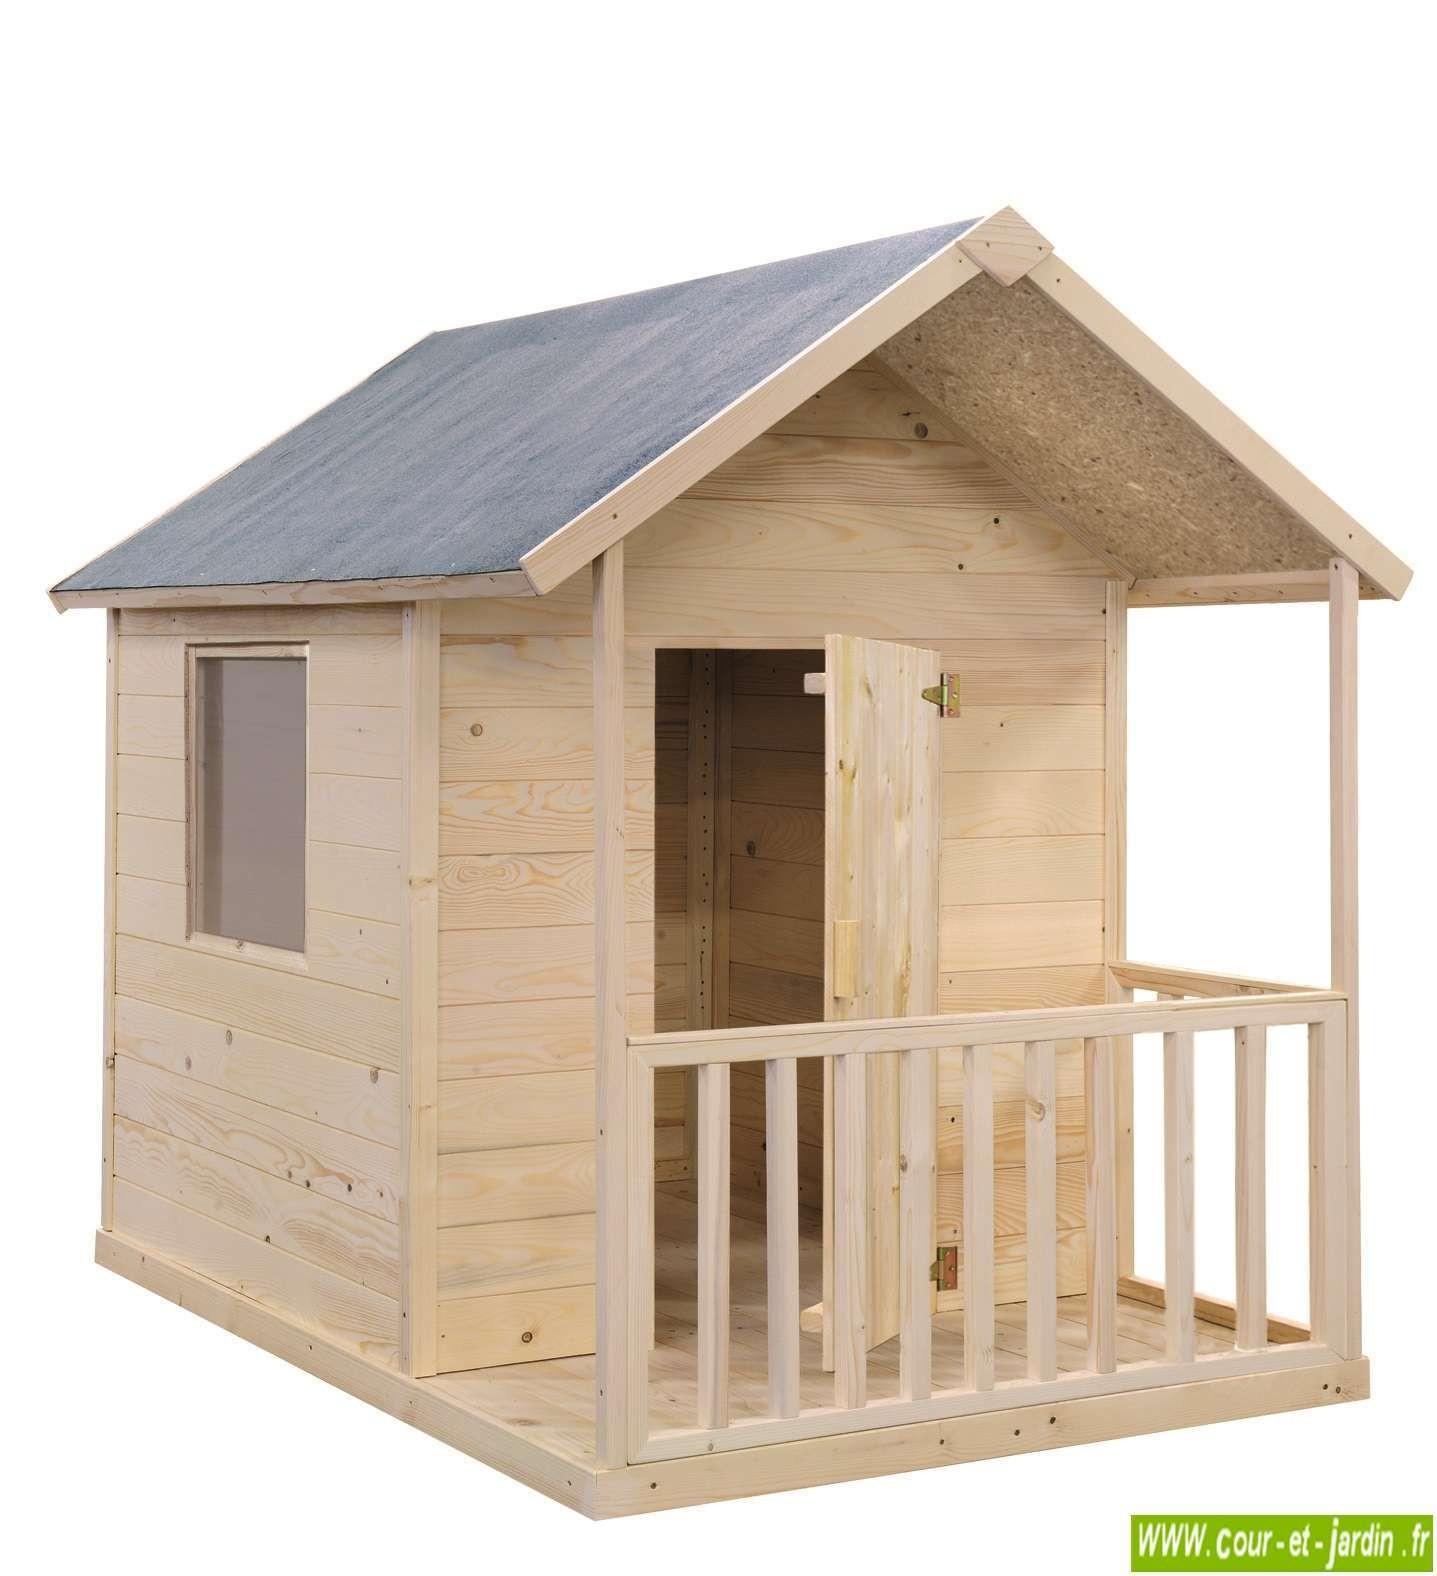 Cabane En Bois Pour Enfant, Cabane De Jardin Pour Enfants ... destiné Maison De Jardin Pour Enfants